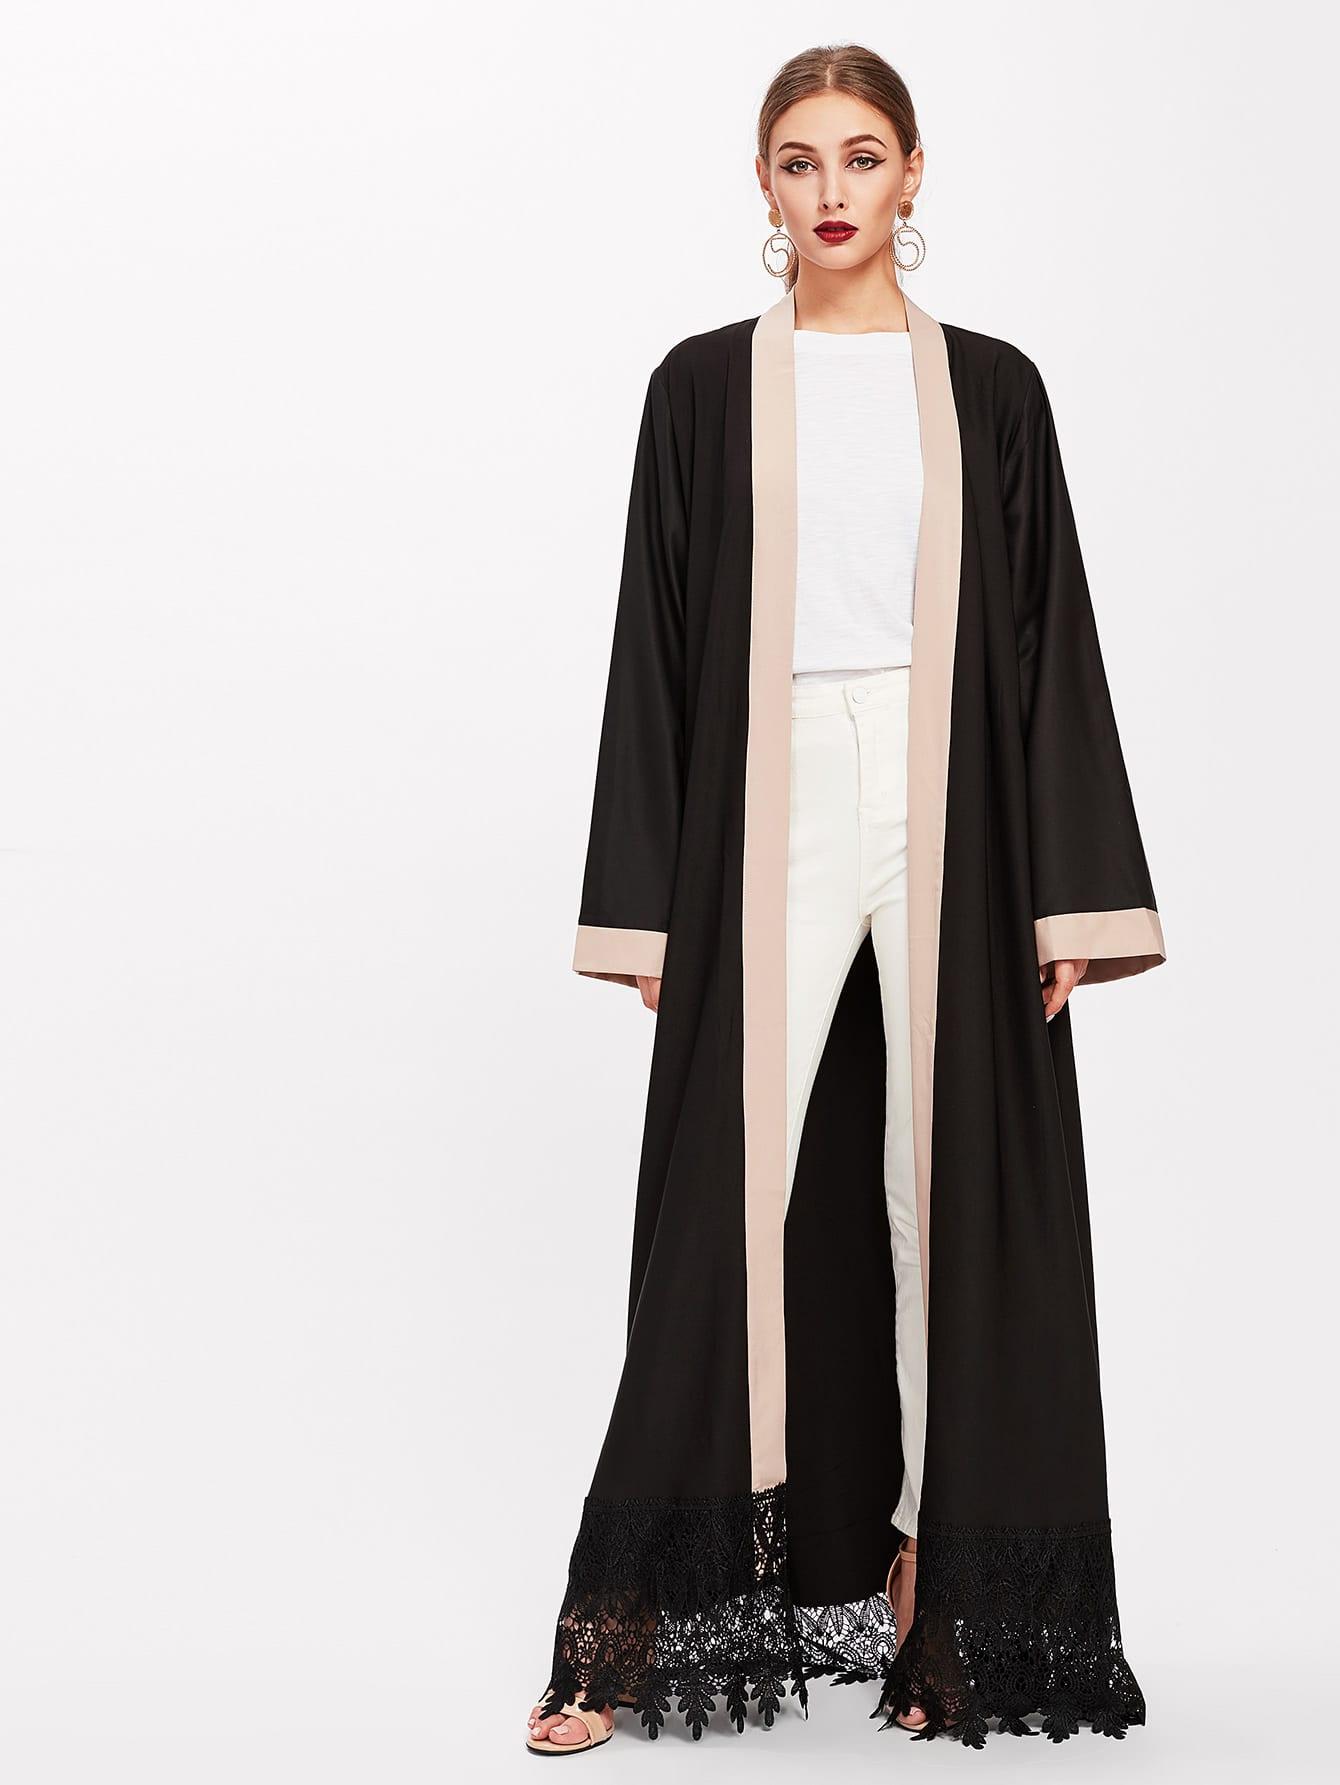 Lange Abaya mit Spitze und Häkelbesatz um den Saum